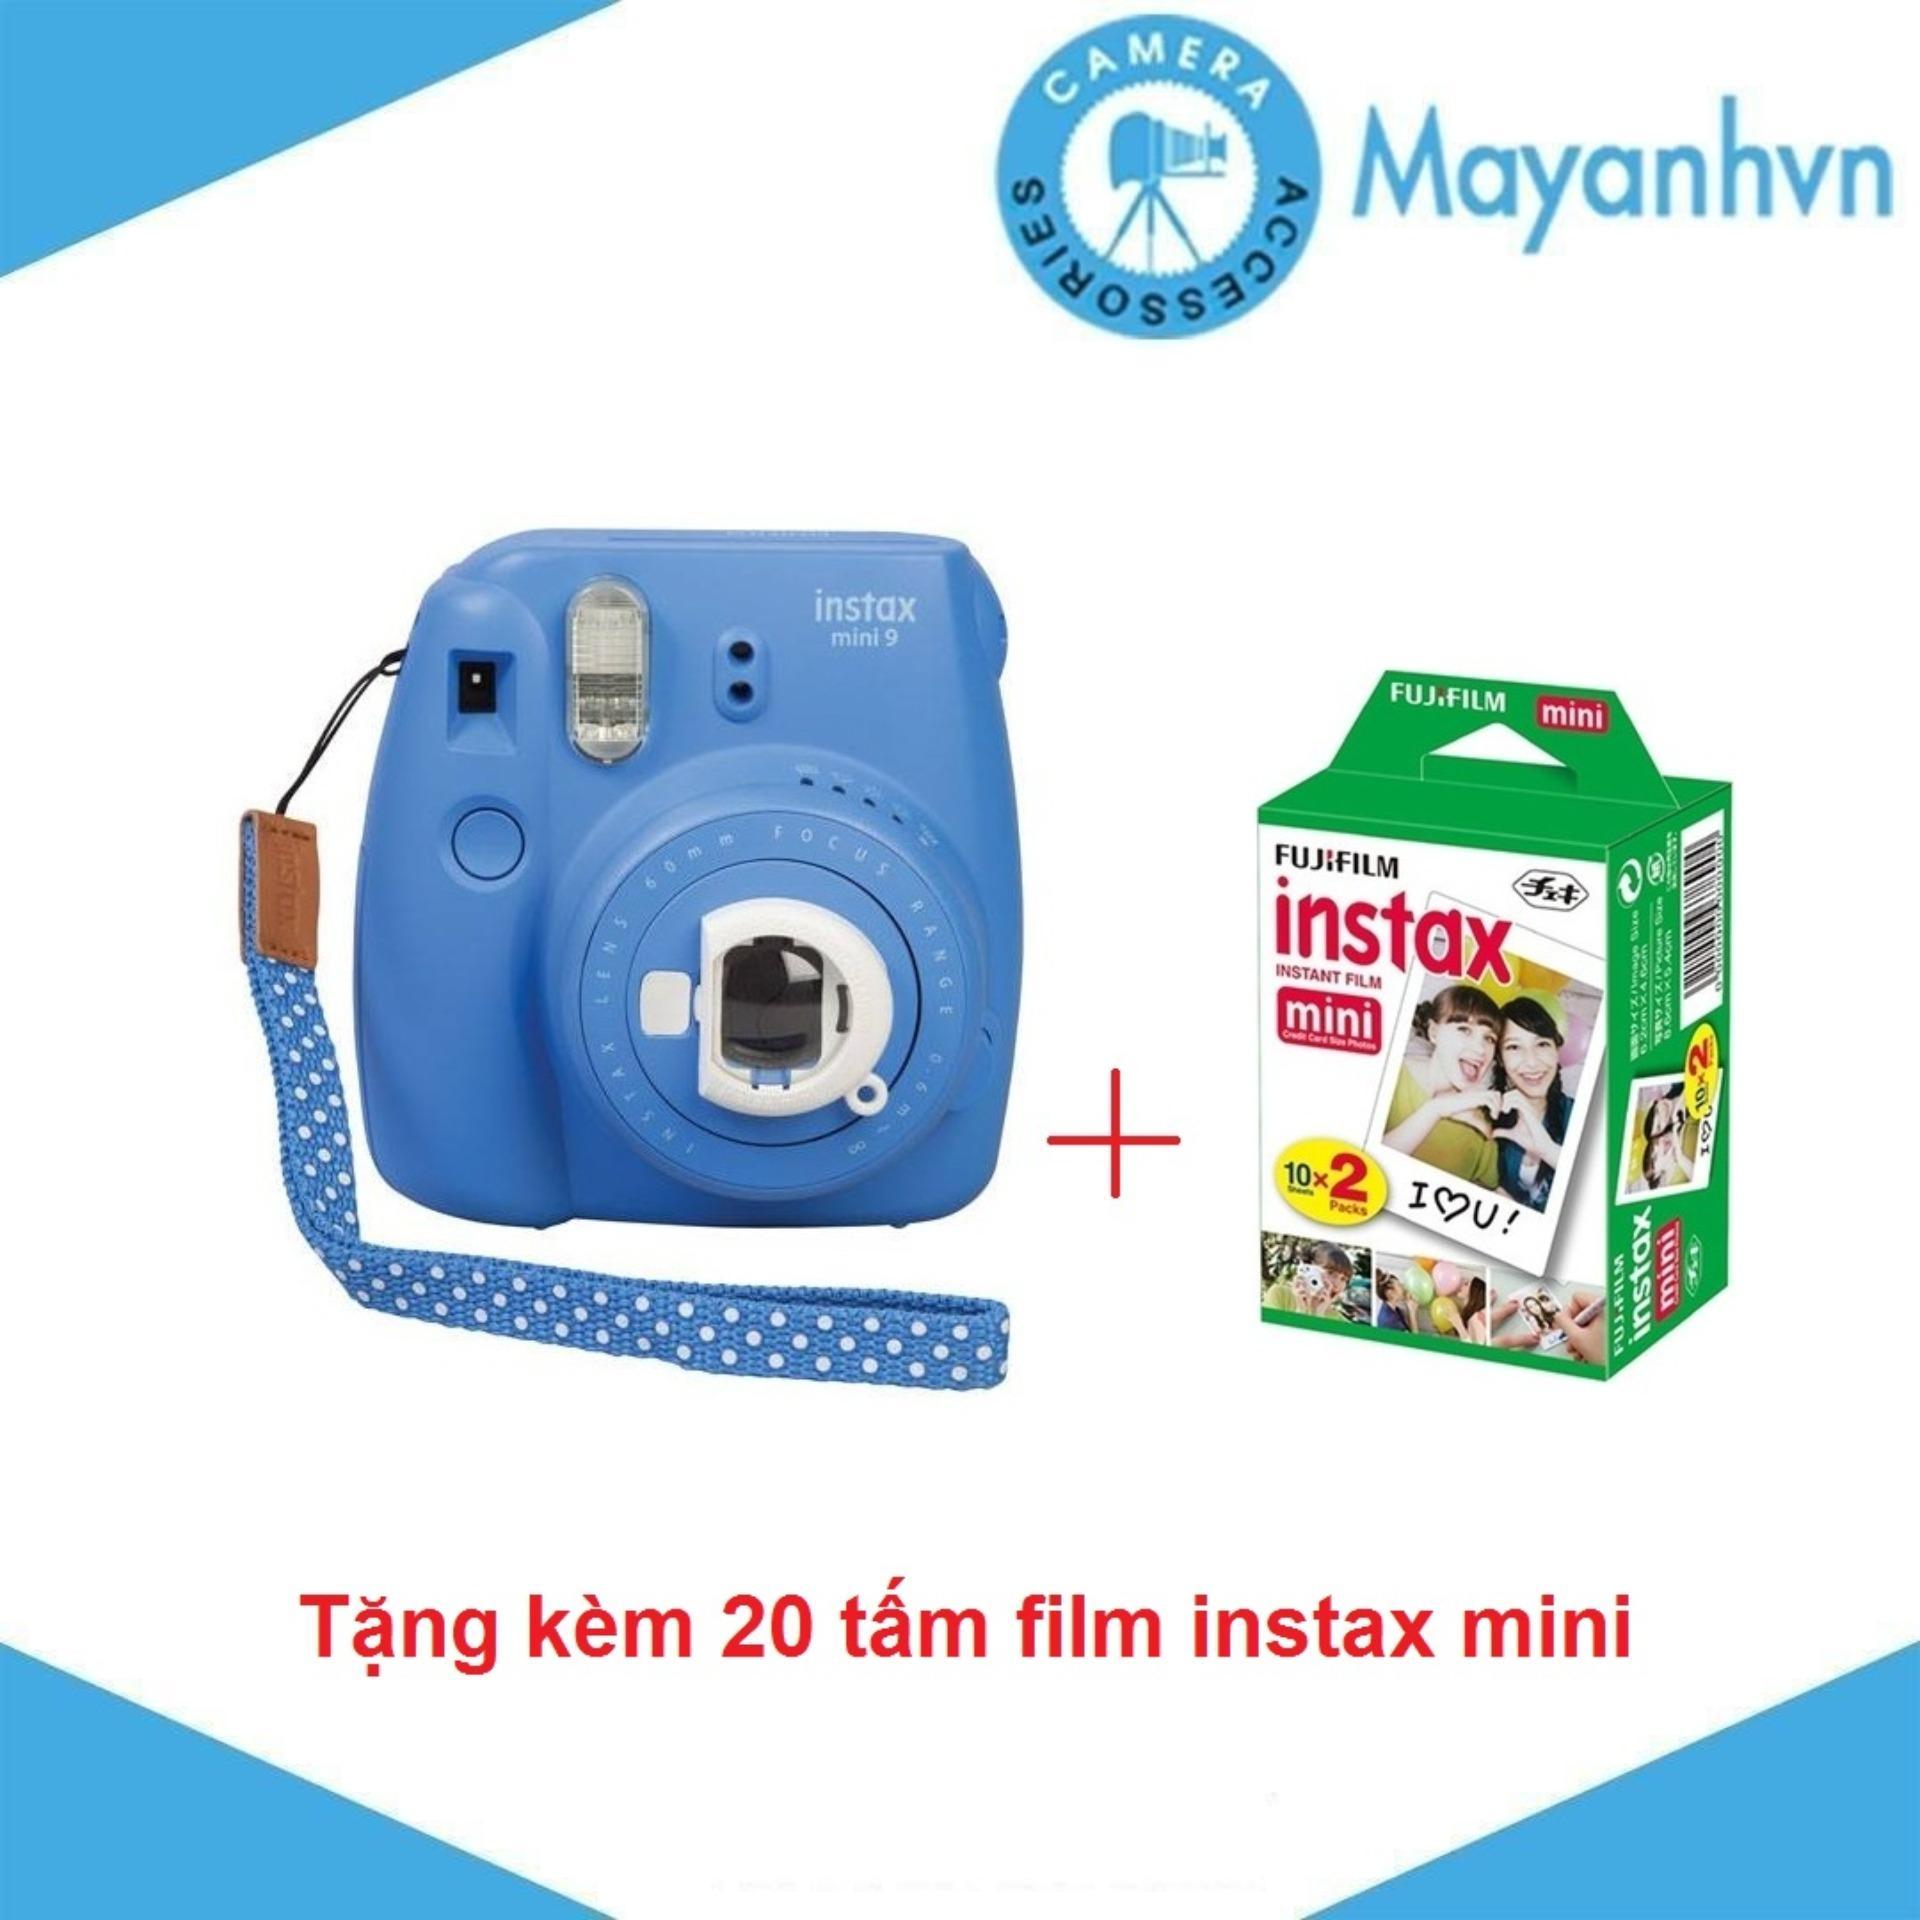 Lazada Ưu Đãi Khi Mua Máy Chụp ảnh Lấy Ngay Fujifilm Instax Mini 9  - Tặng Kèm 2 Hộp Giấy In FujiFilm 10 Tấm - Hãng Phân Phối Chính Thức.